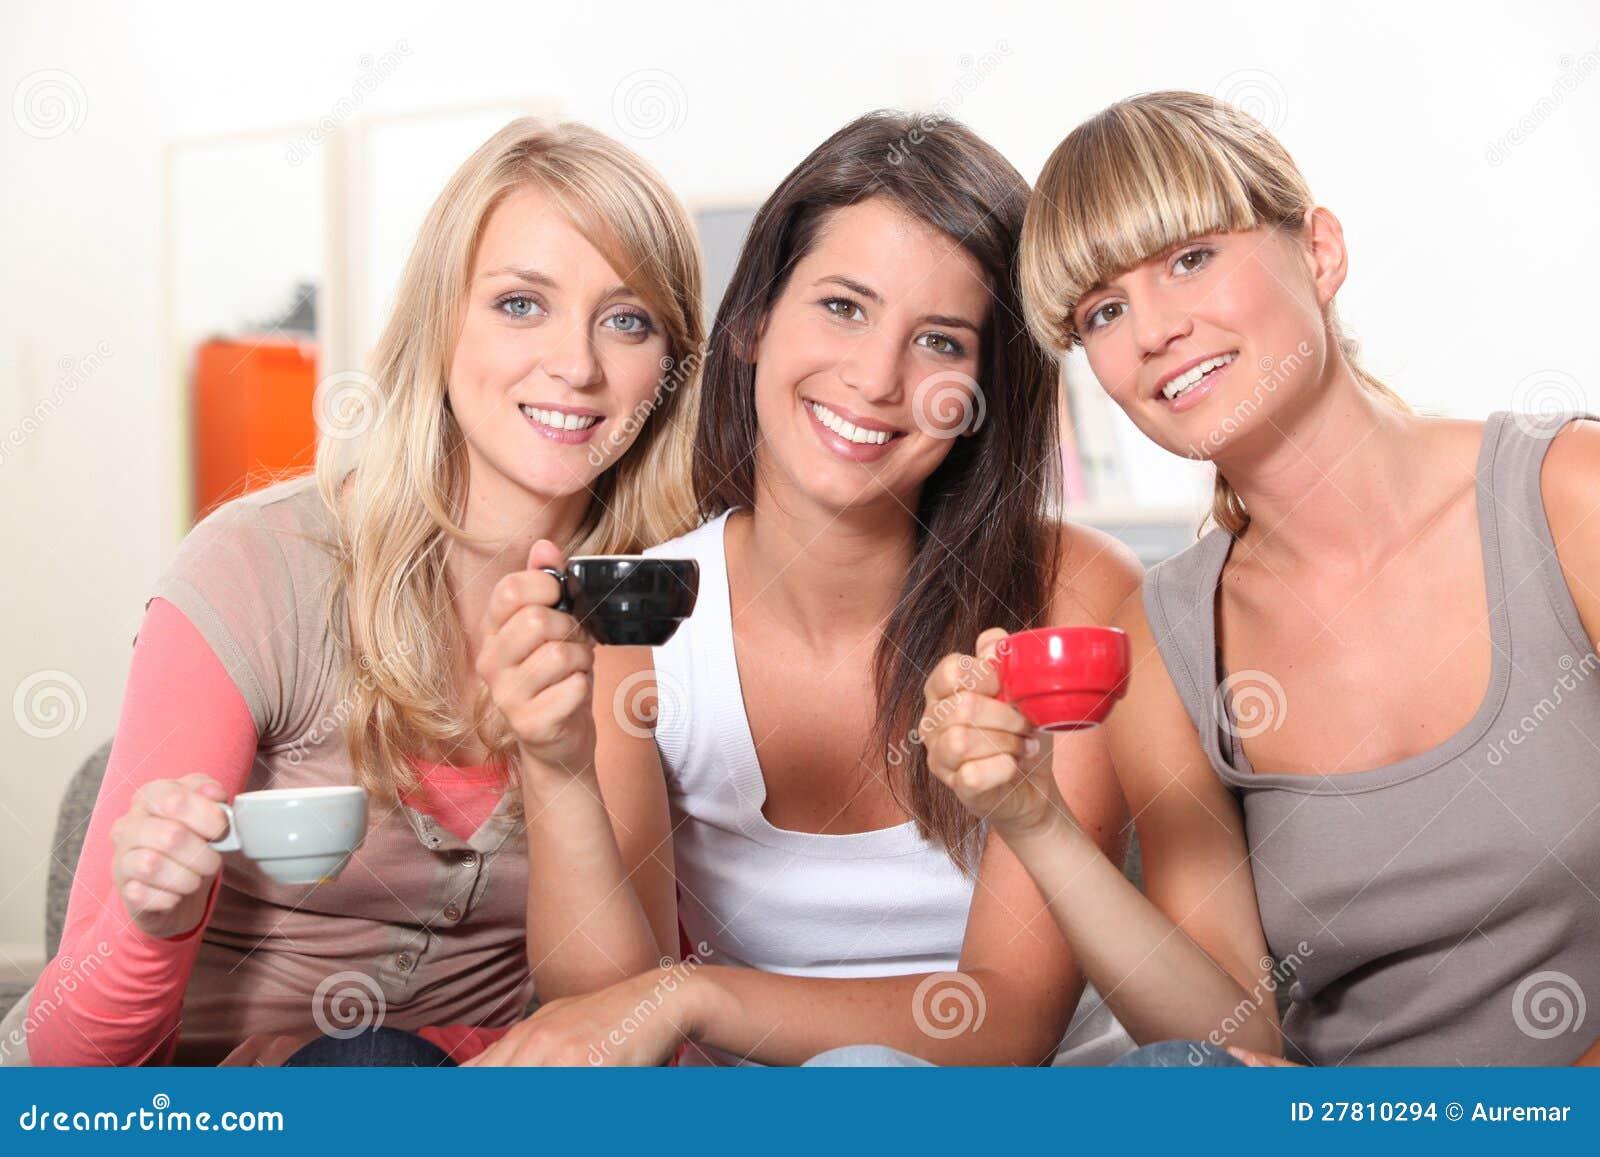 Фото с выпивающими подругами 14 фотография